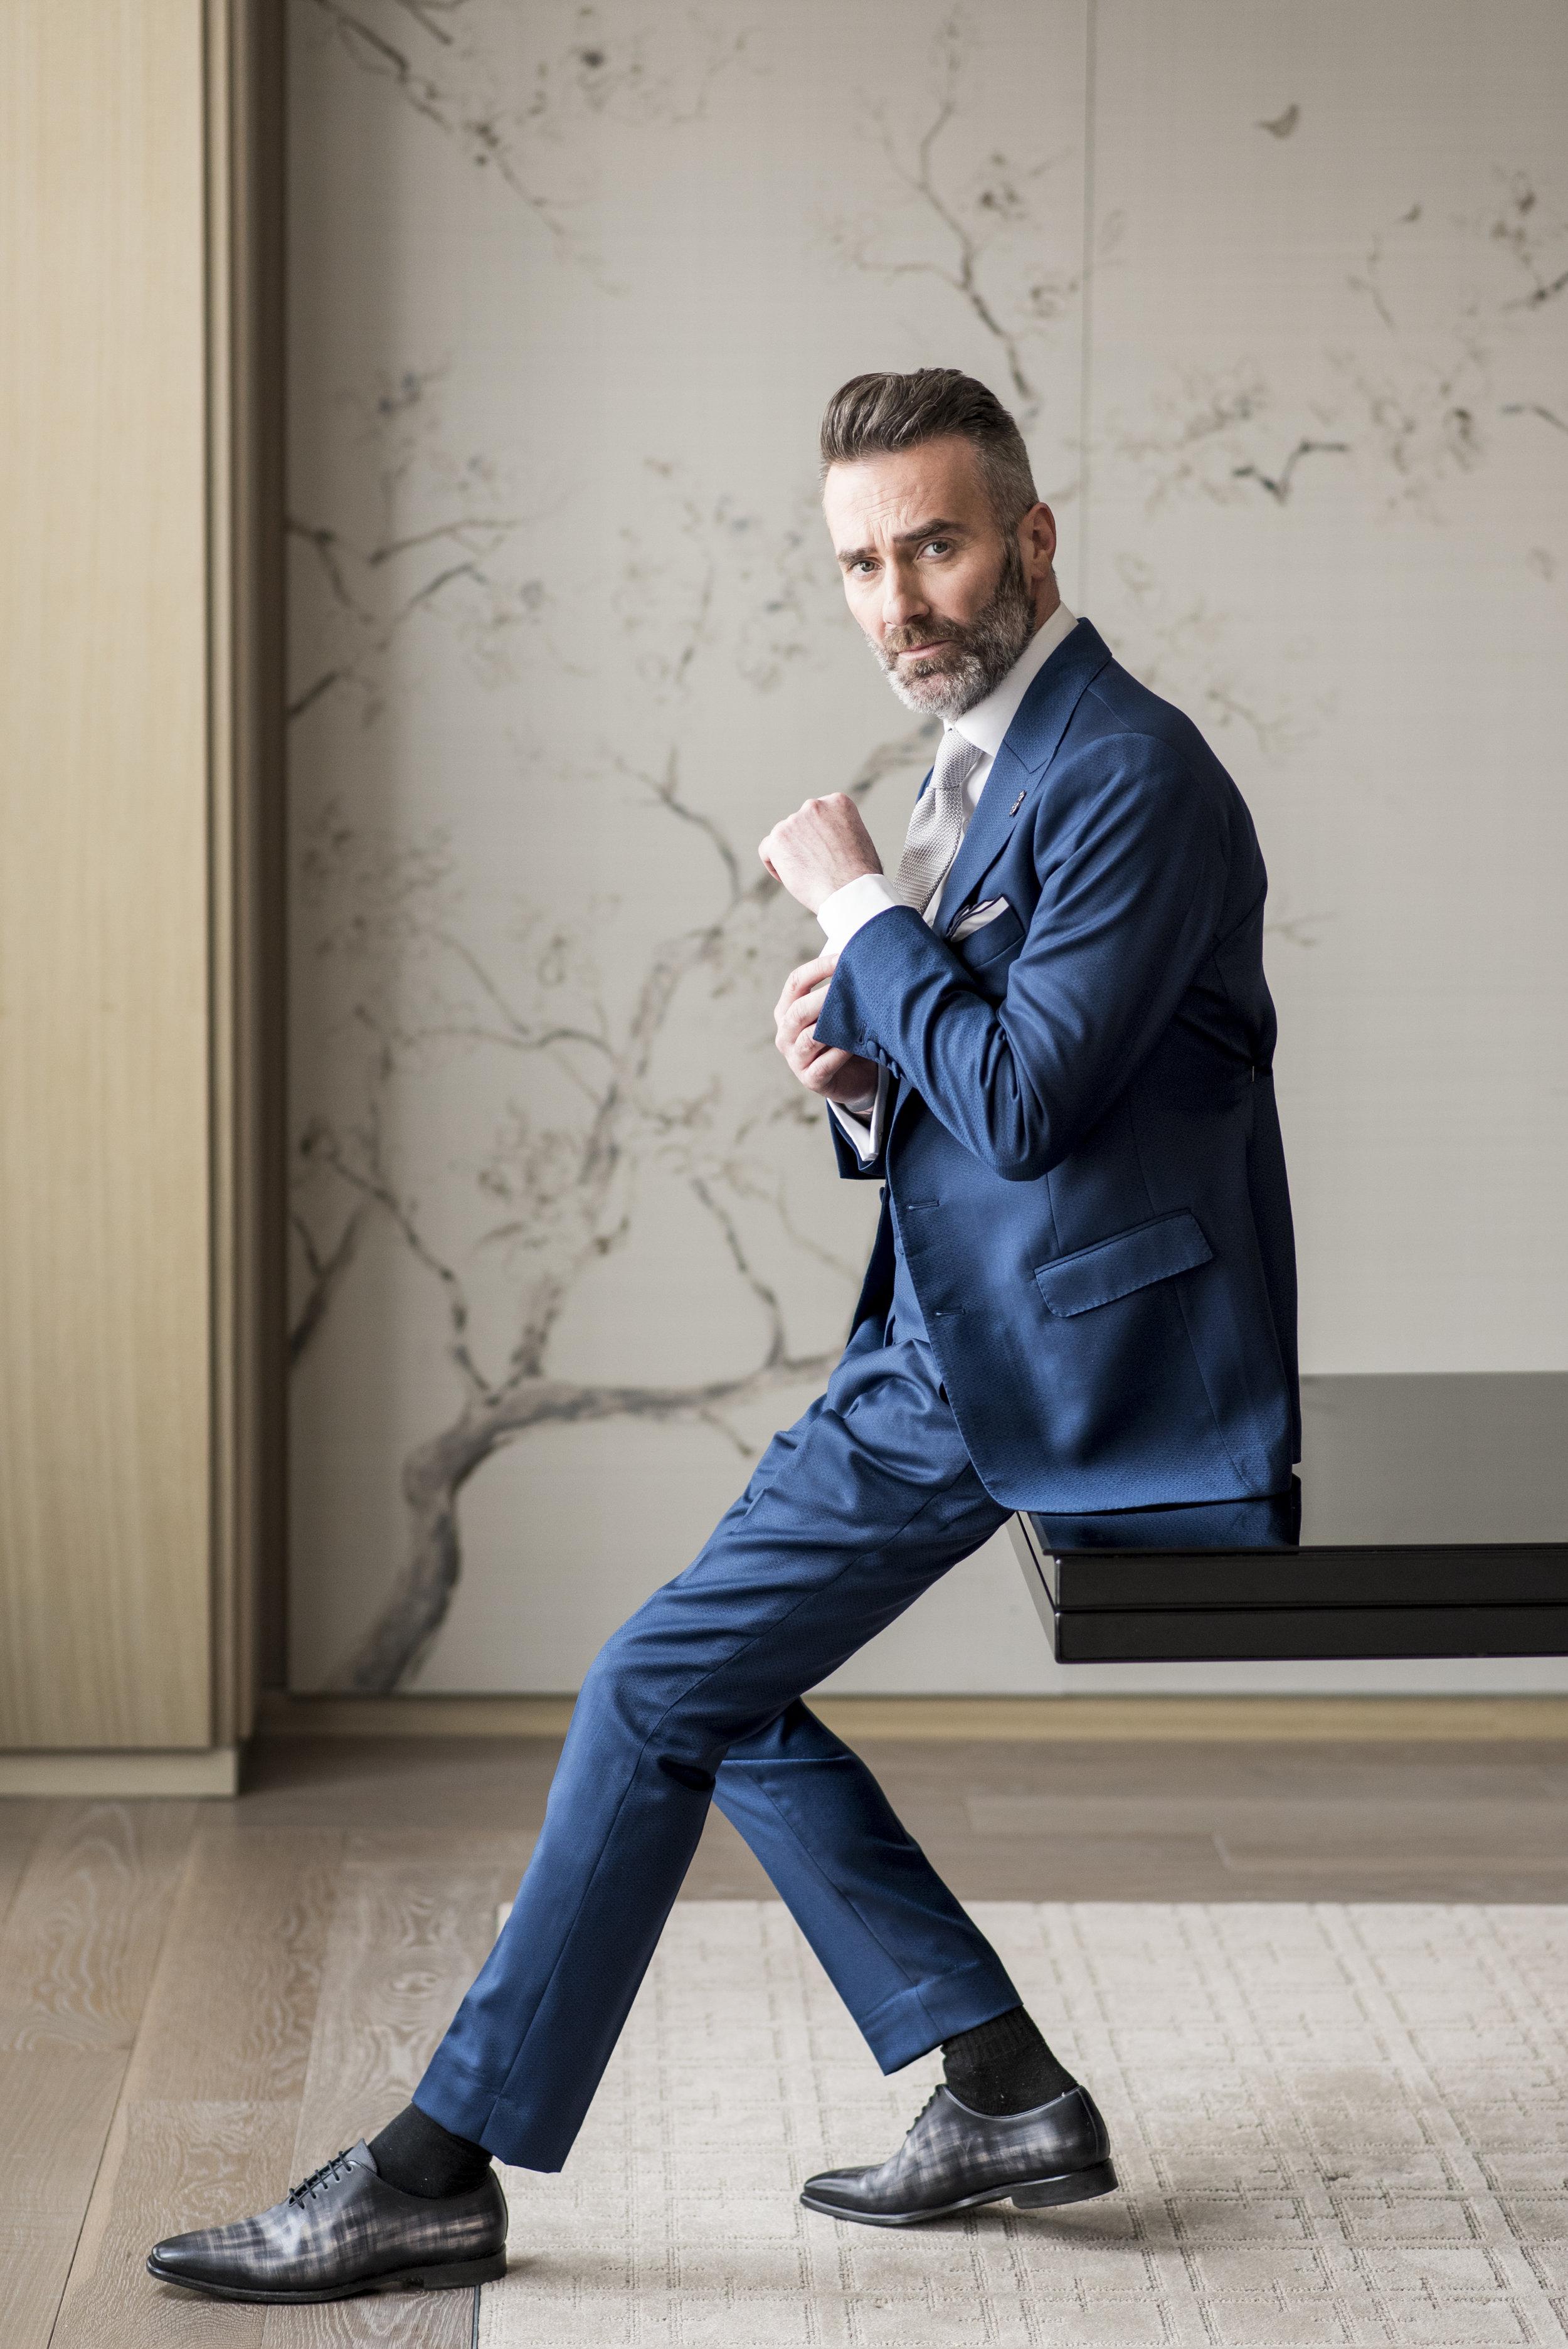 August In Bloom - Groom in blue suit - The Suited Groom